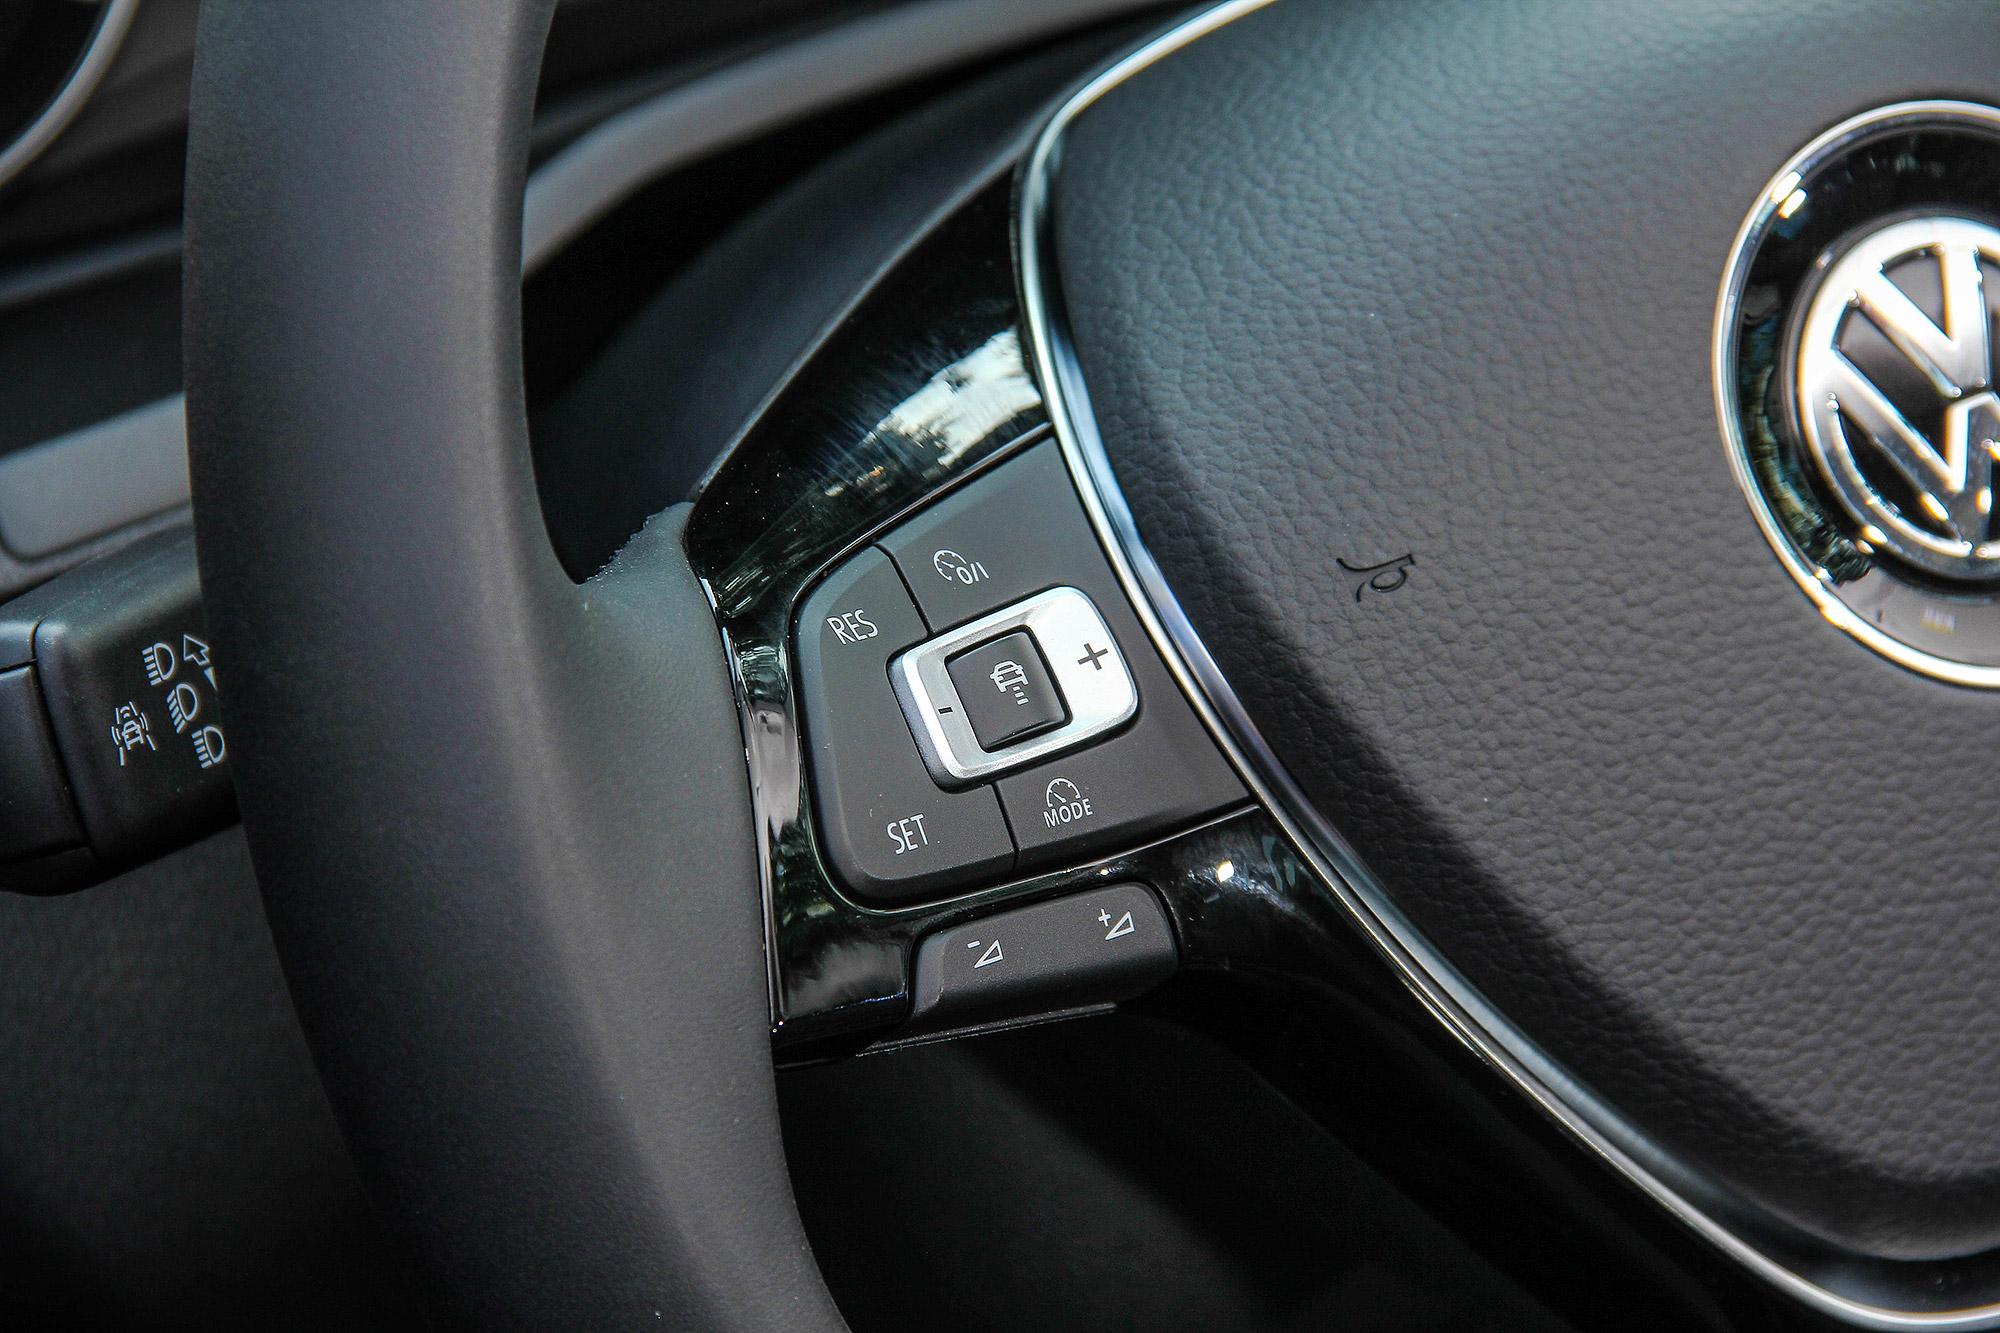 Caddy Maxi 的 ACC 操作介面位於方向盤左側。